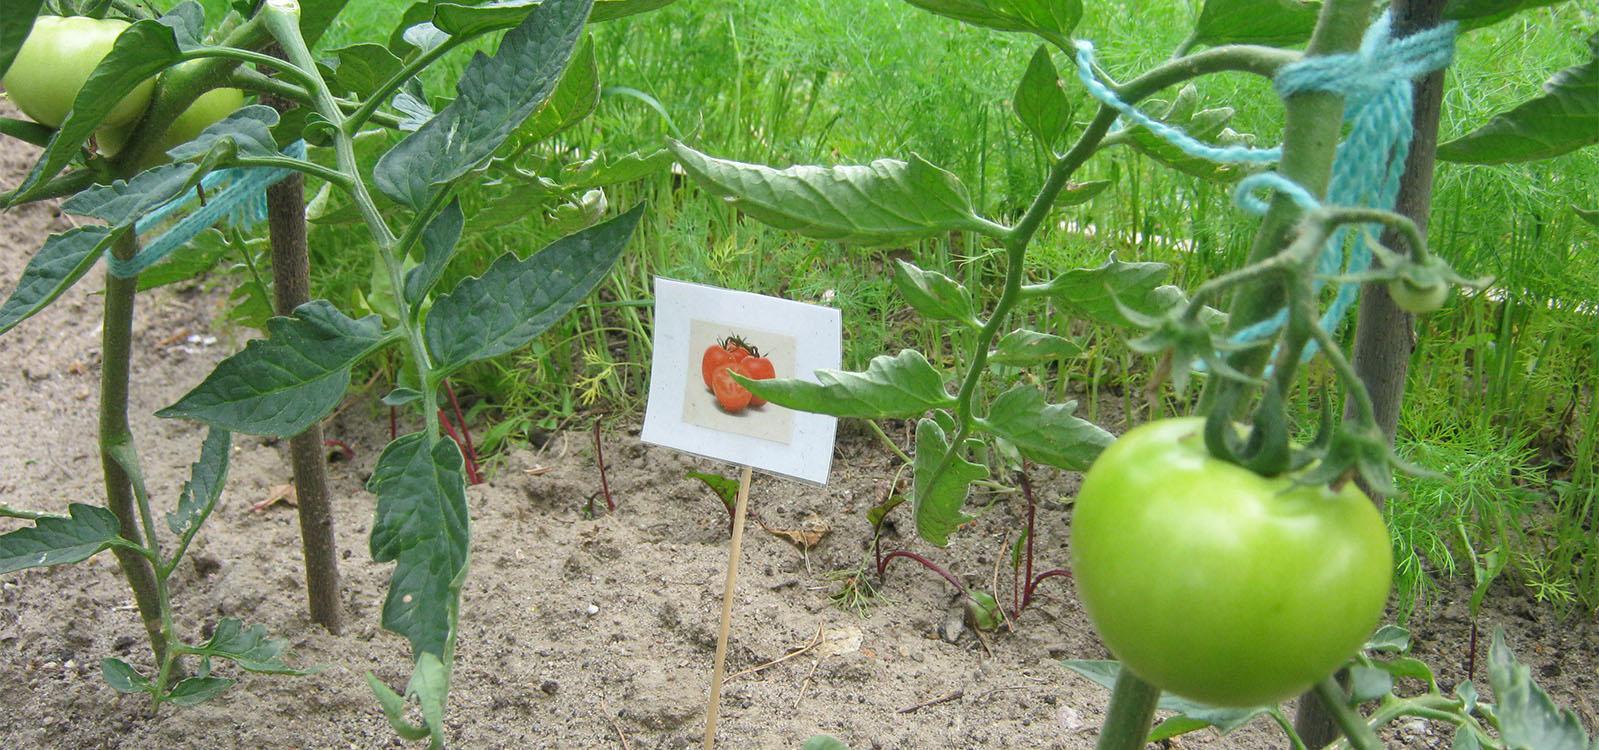 EKOLUDEK_Niepubliczne_przedszkole_ekologiczne_Lodz_Pomidory.jpg